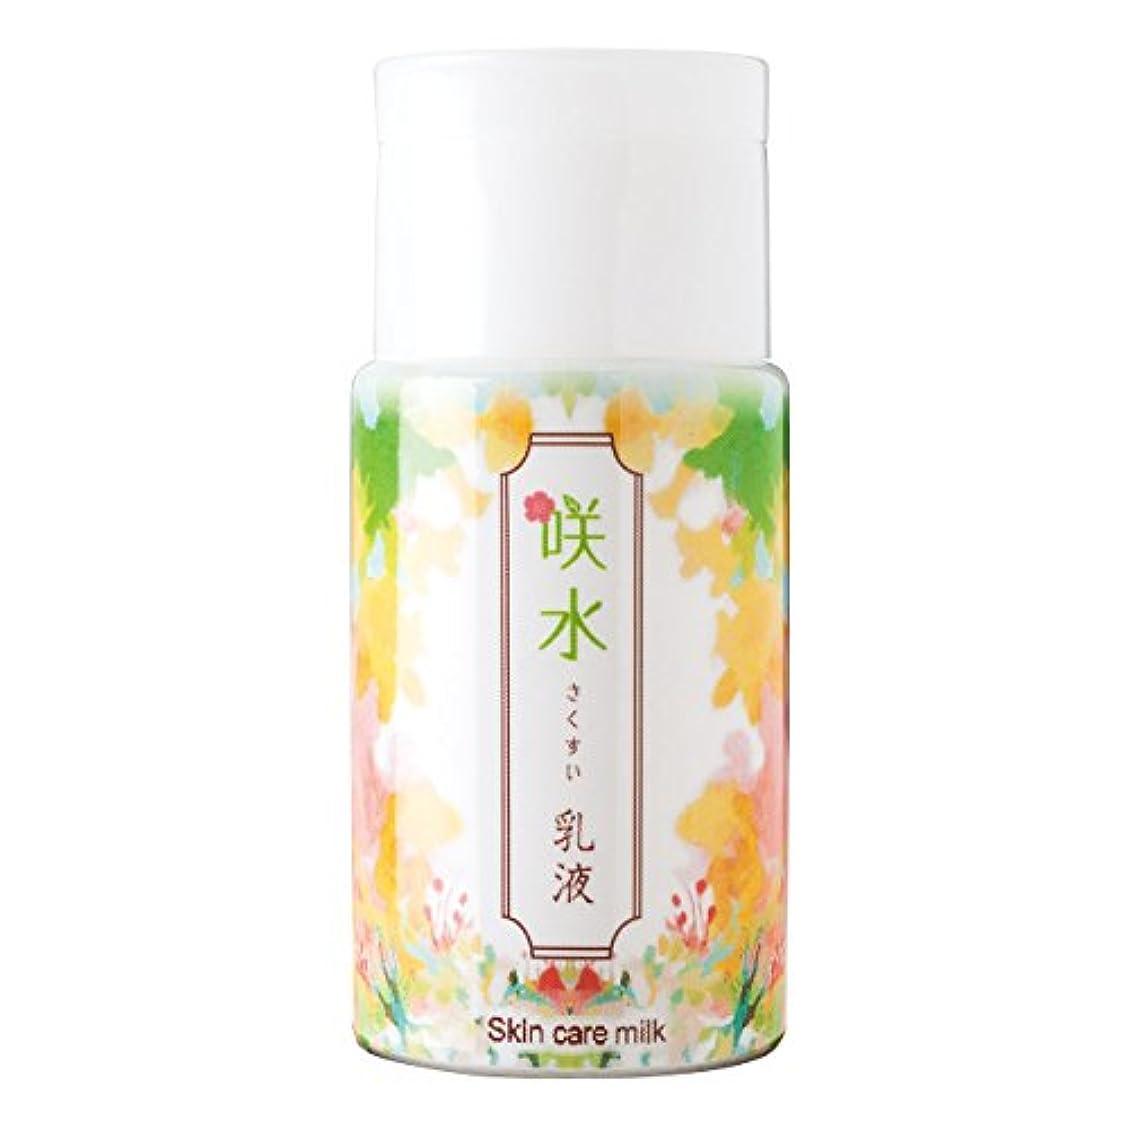 端末増幅する要旨咲水 スキンケア乳液 100ml リバテープ製薬 日本製 スイゼンジノリ サクラン 乾燥 肌 顔 フェイス